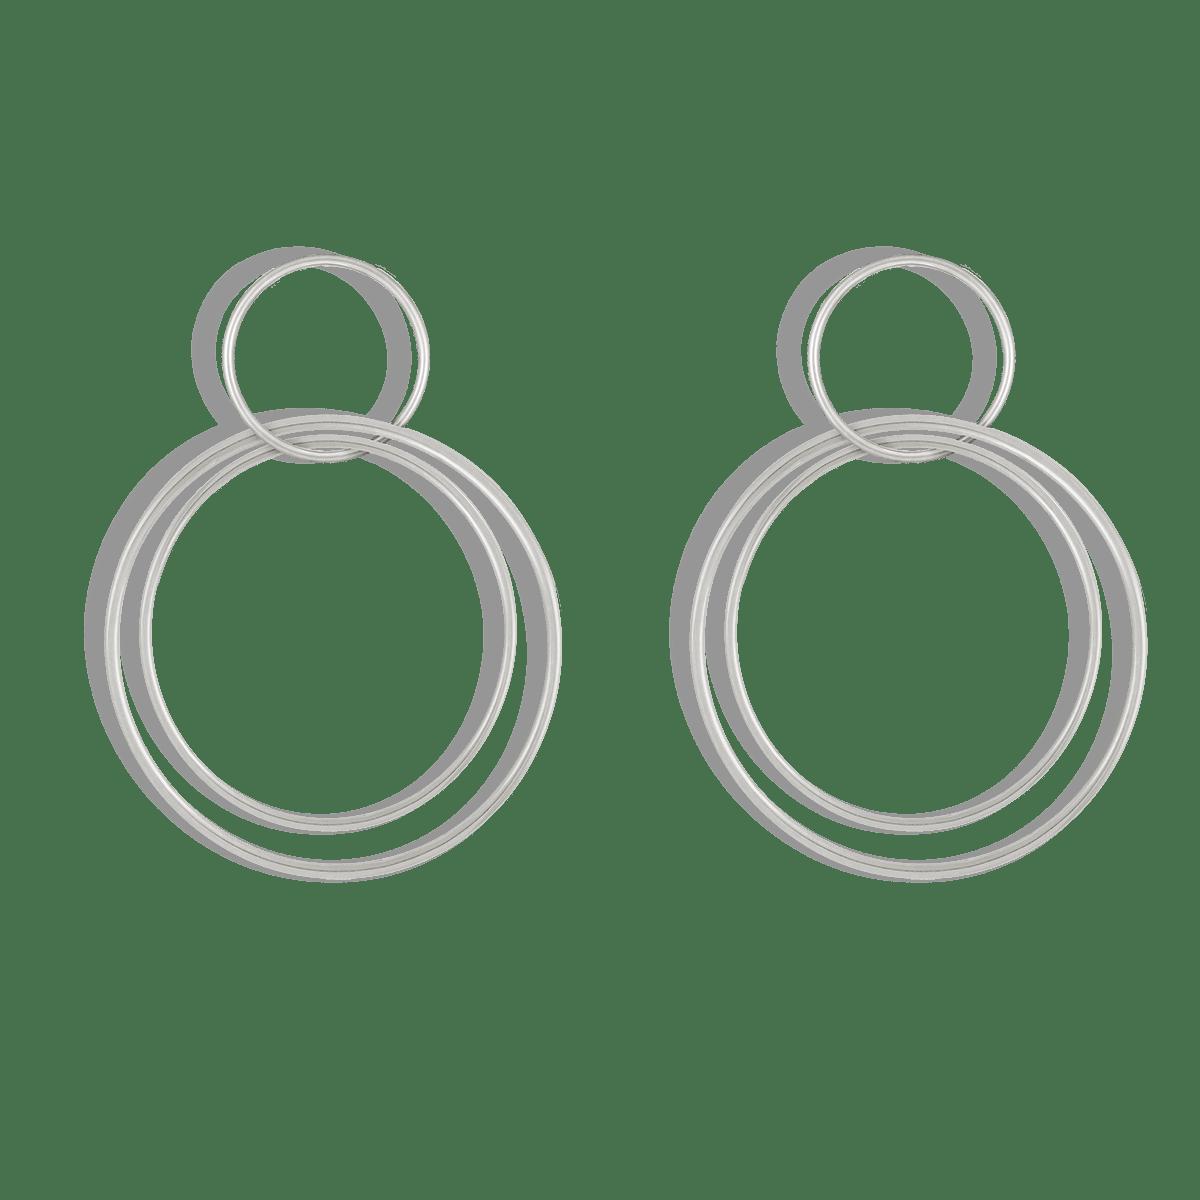 گوشواره نقره سه دایره